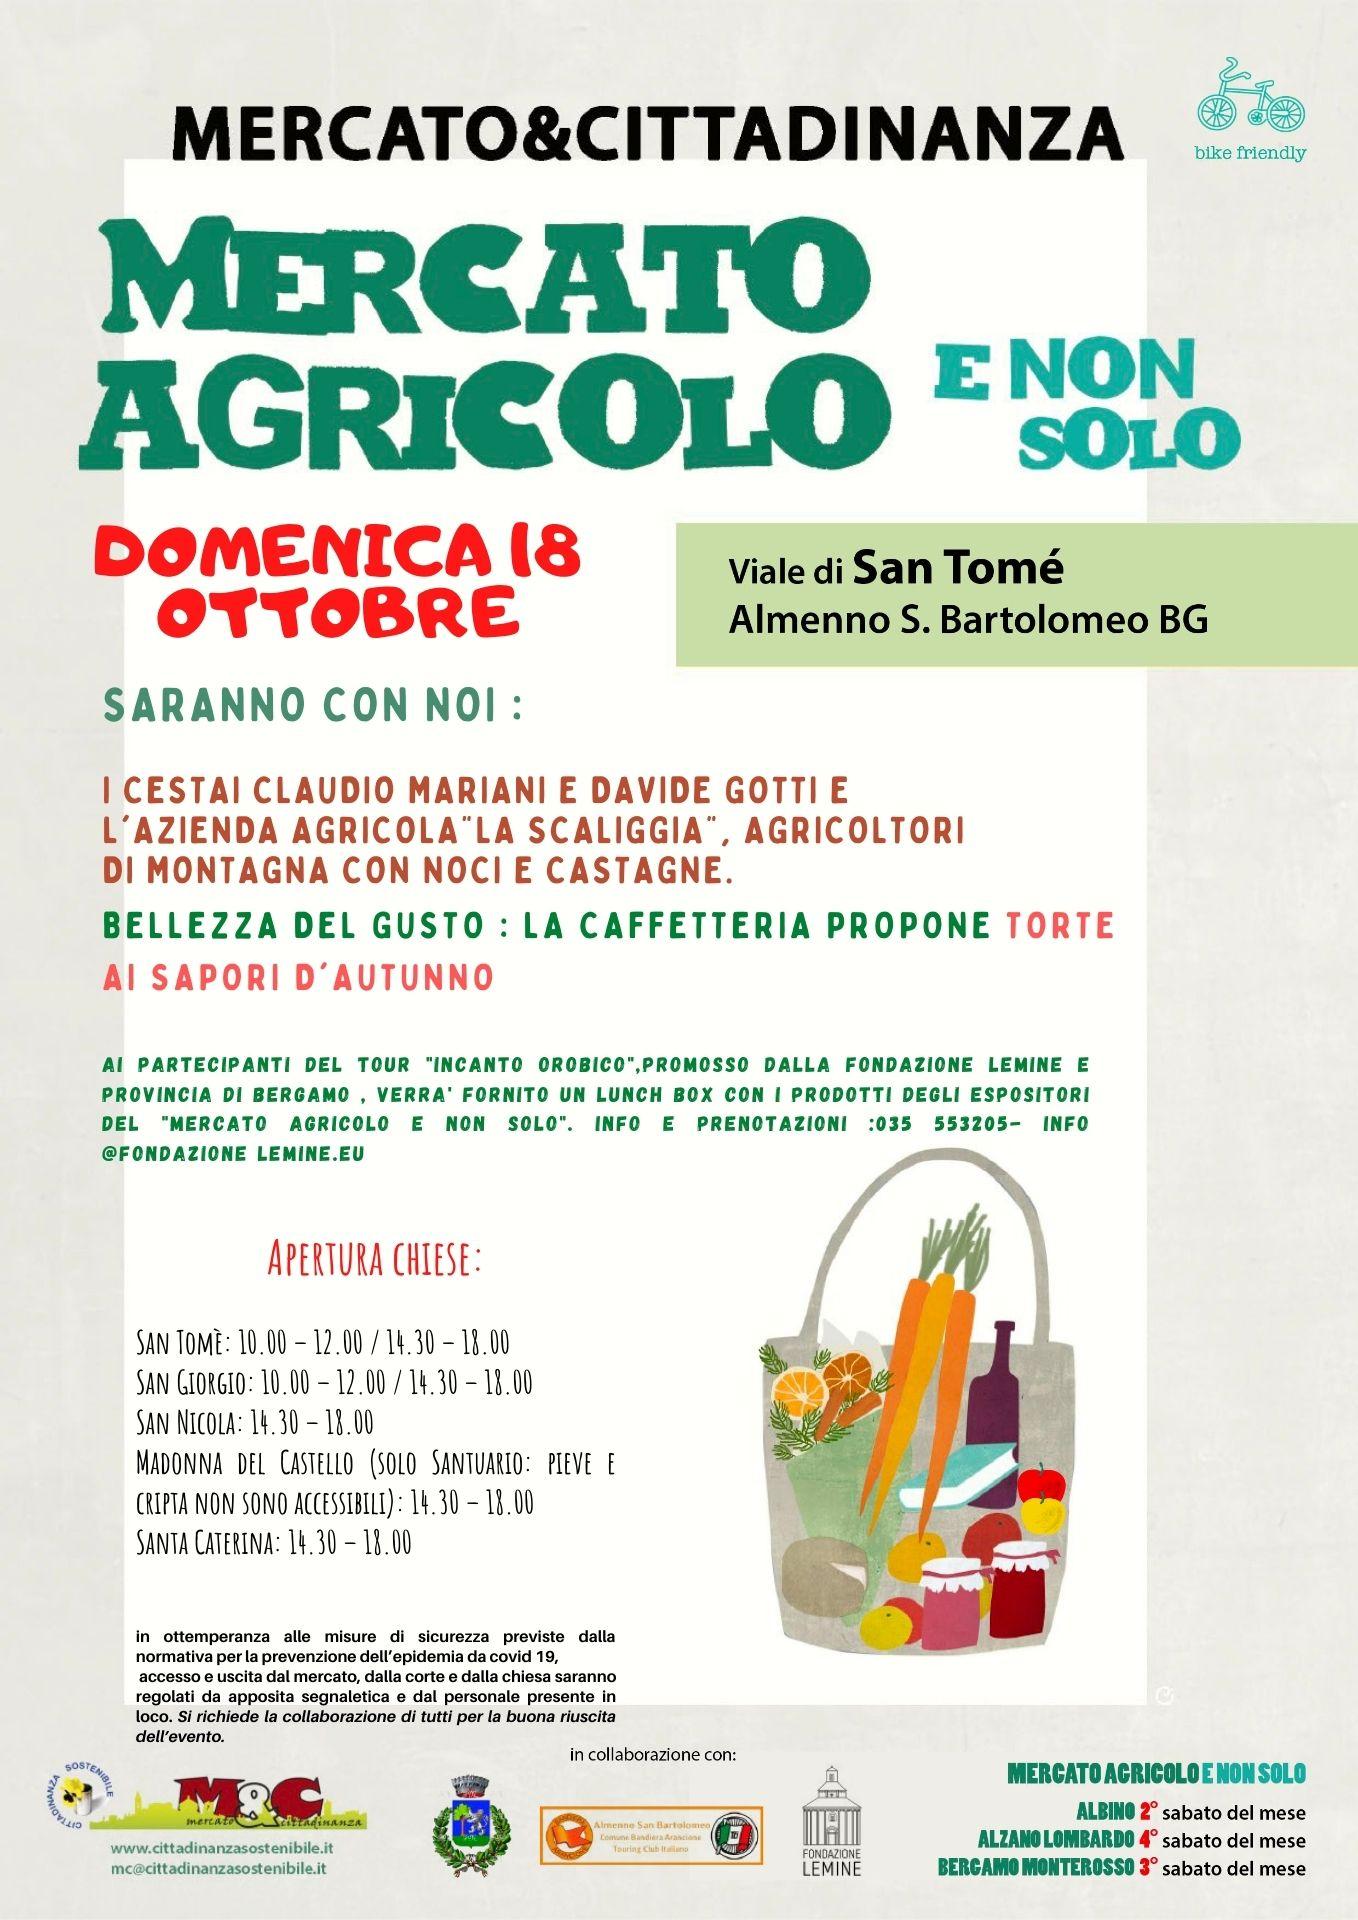 18 ottobre 2020 Mercato Agricolo E Non Solo a San Tomè di Almenno San Bartolomeo